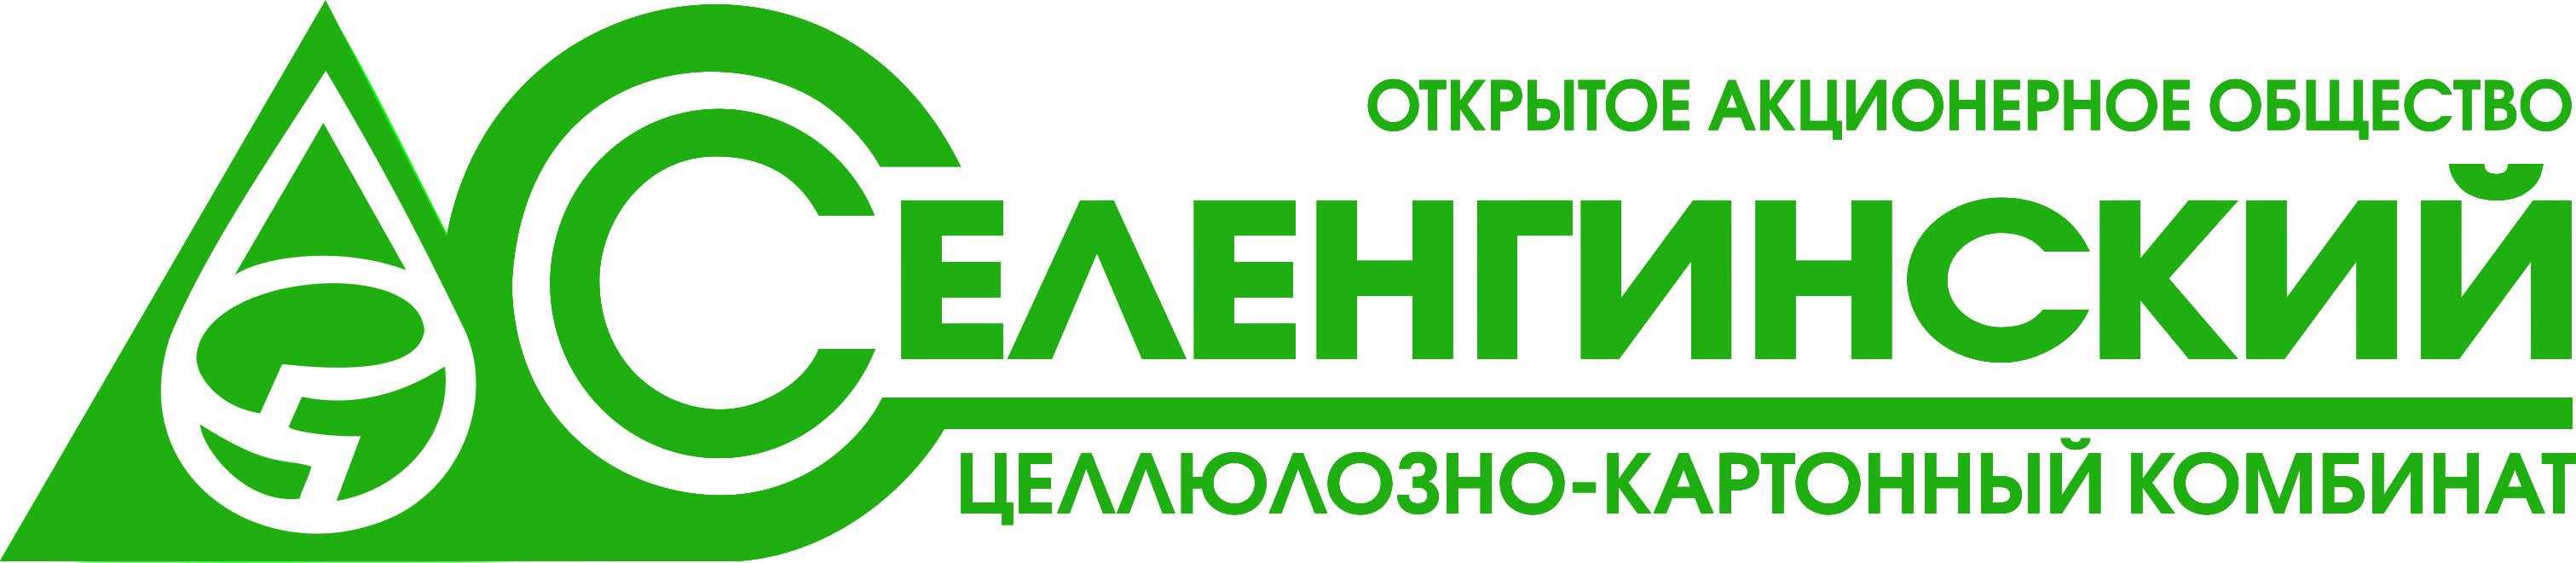 логотип сцкк